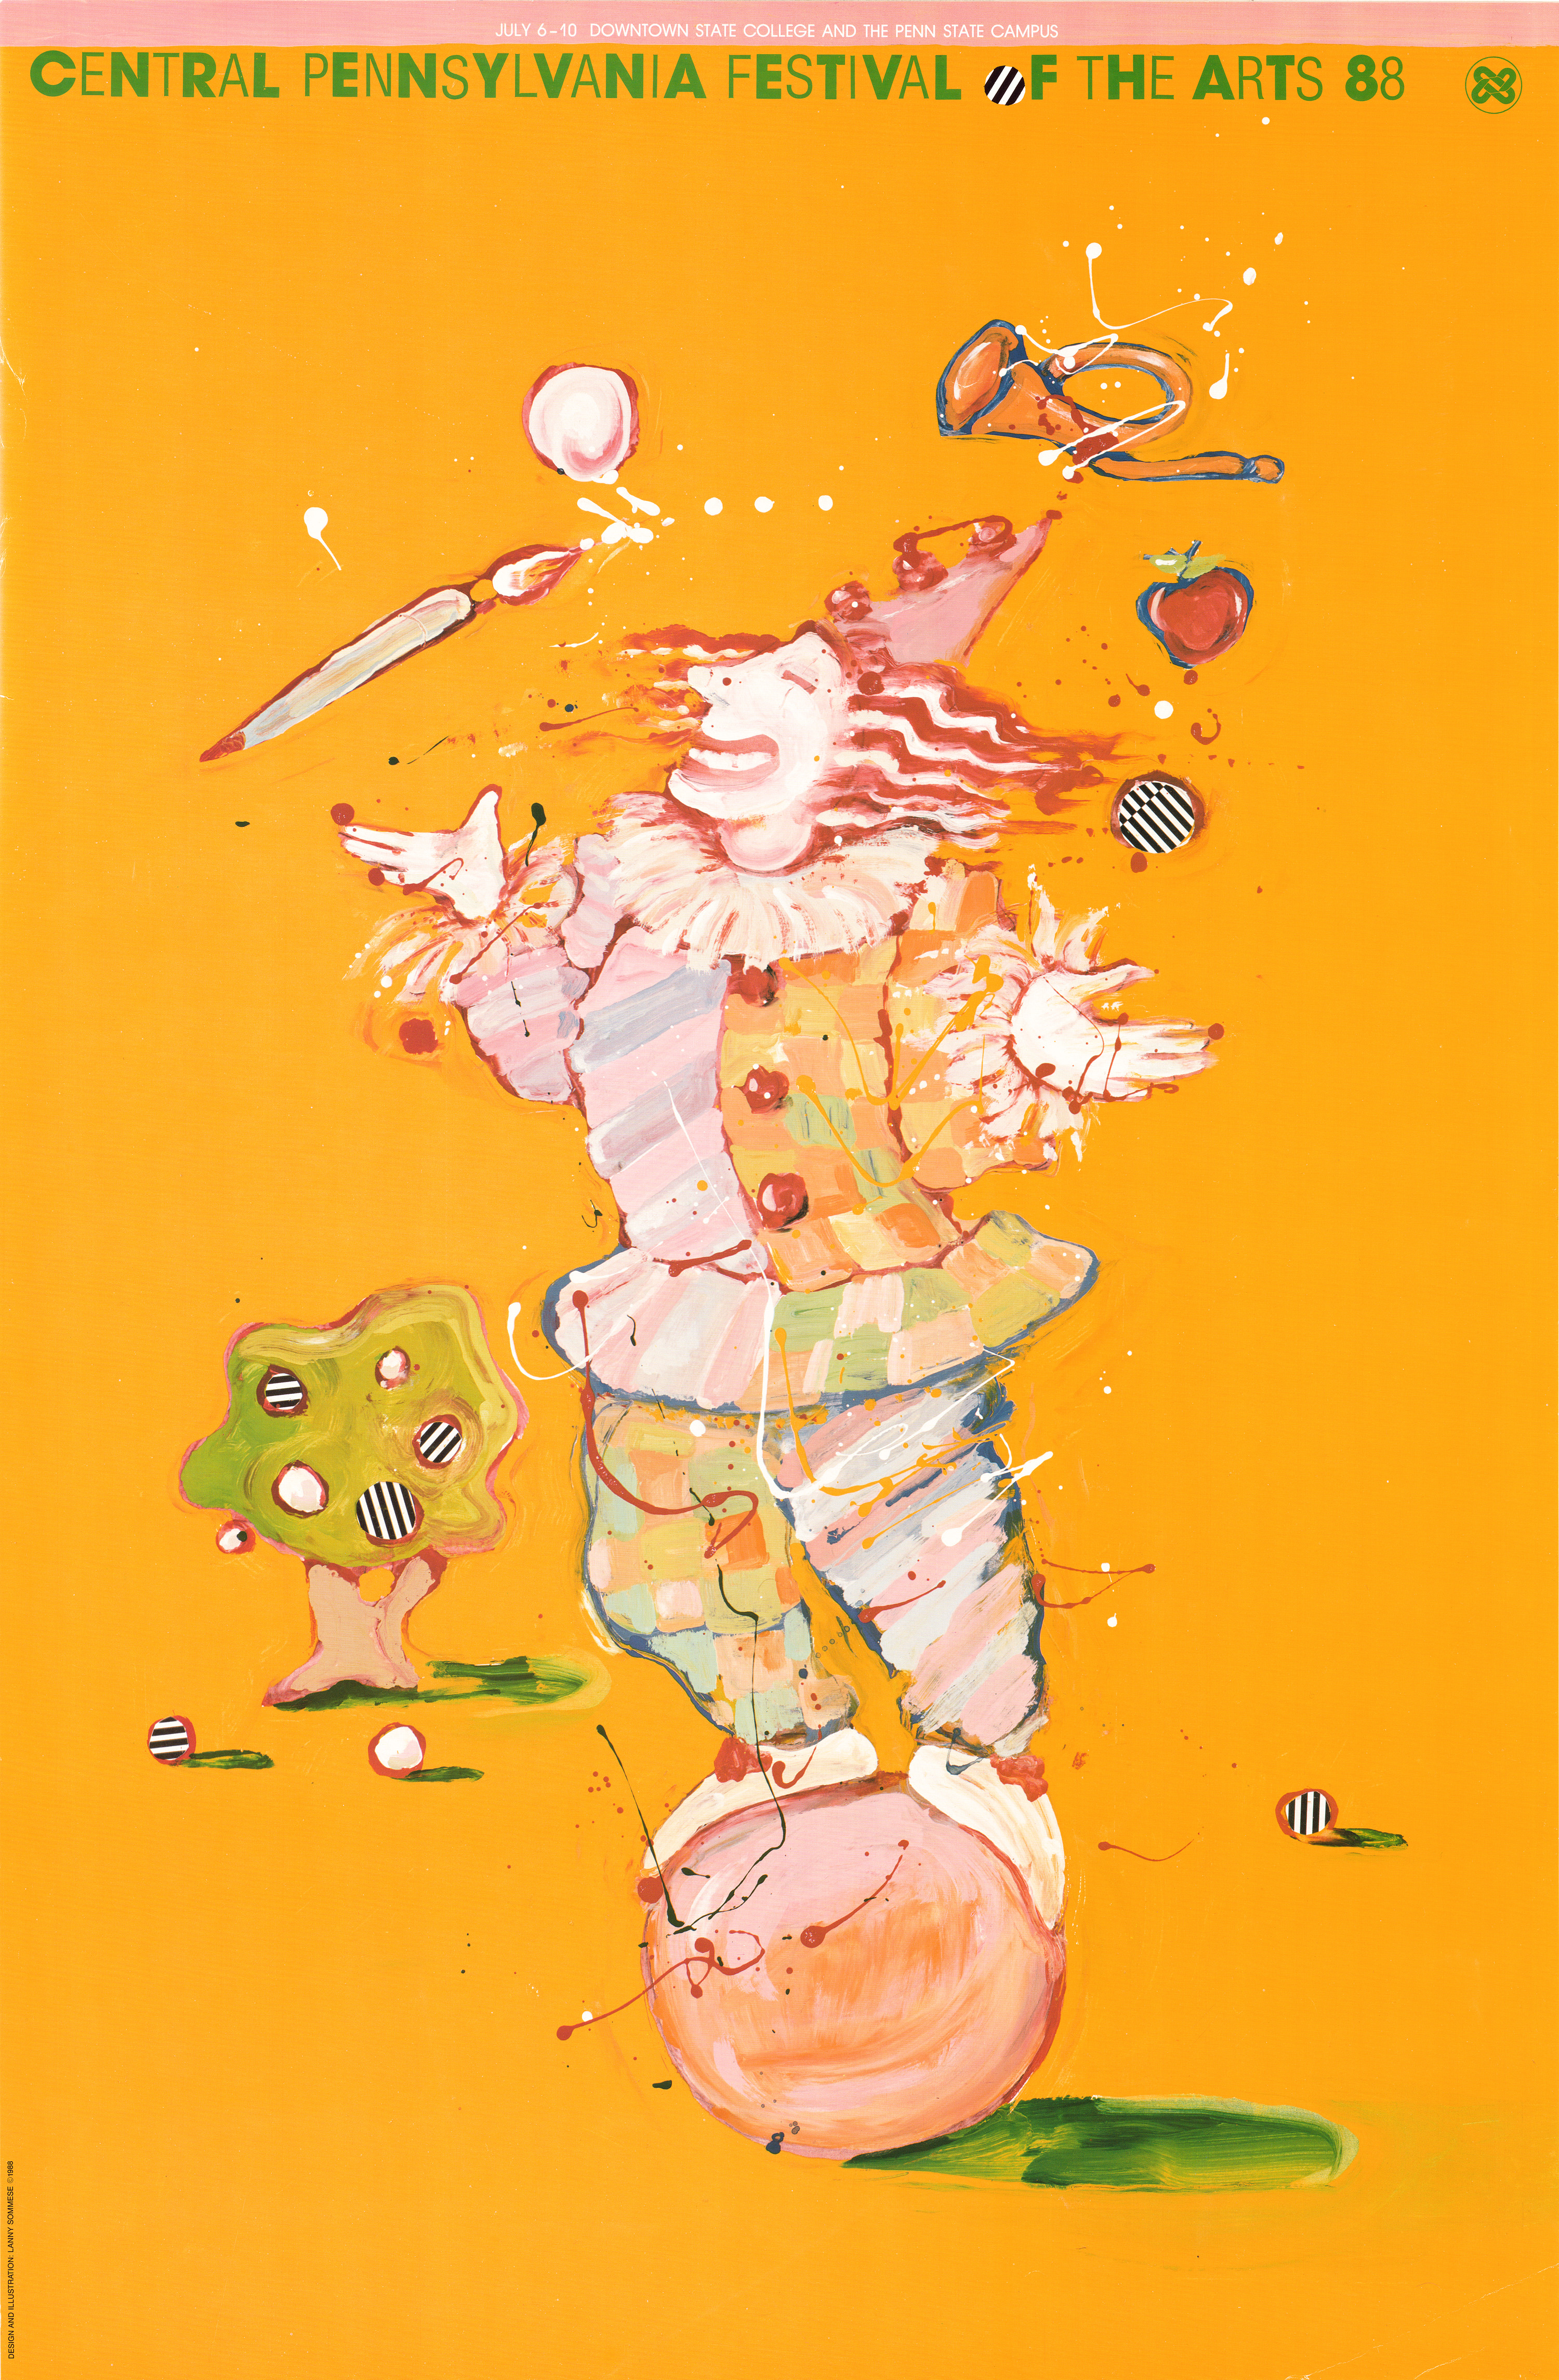 1988 Festival Poster